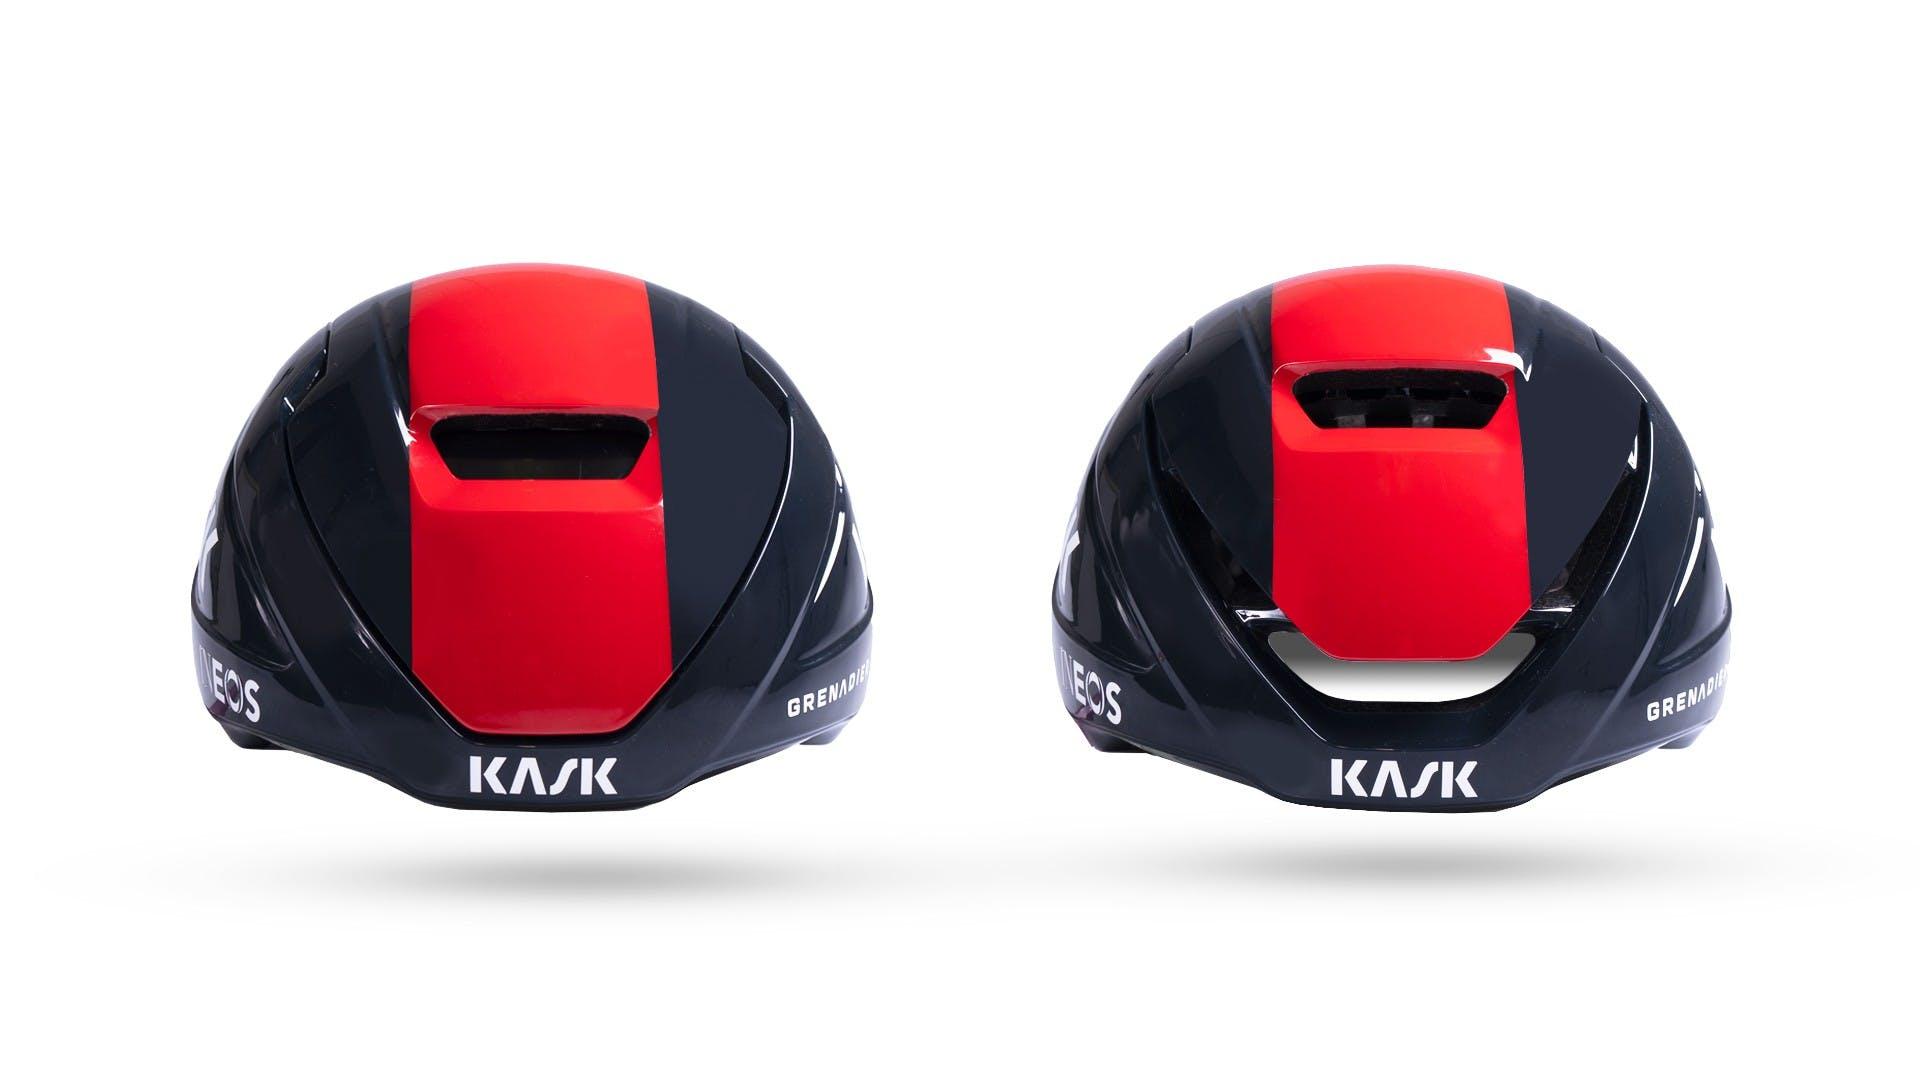 casco Kask Wasabi con flusso aria regolabile, particolare sistema di regolazione